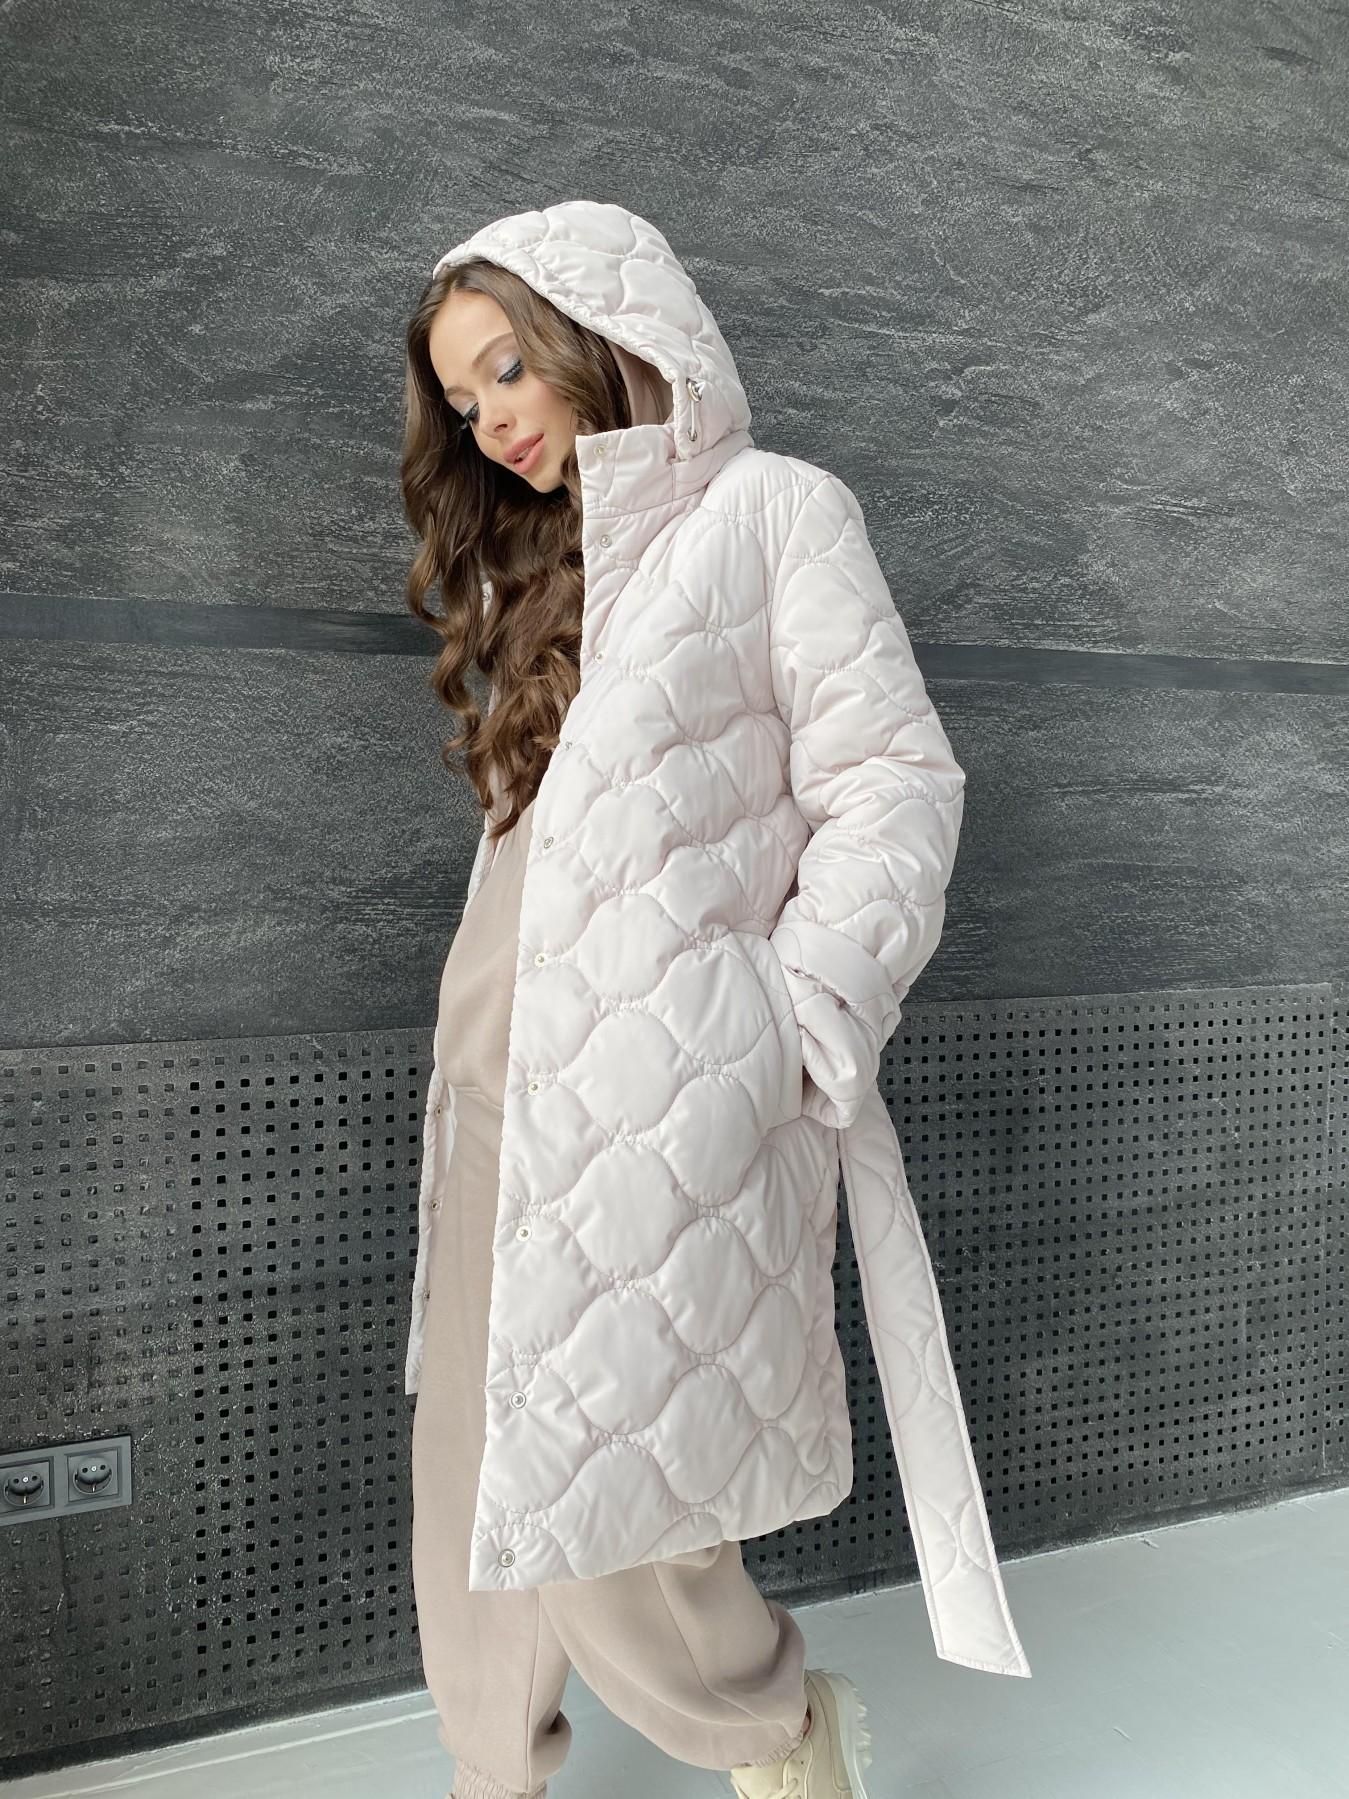 Виза ЗИГЗАГ стеганая куртка из плащевой ткани 11016 АРТ. 47517 Цвет: Бежевый 970 - фото 5, интернет магазин tm-modus.ru